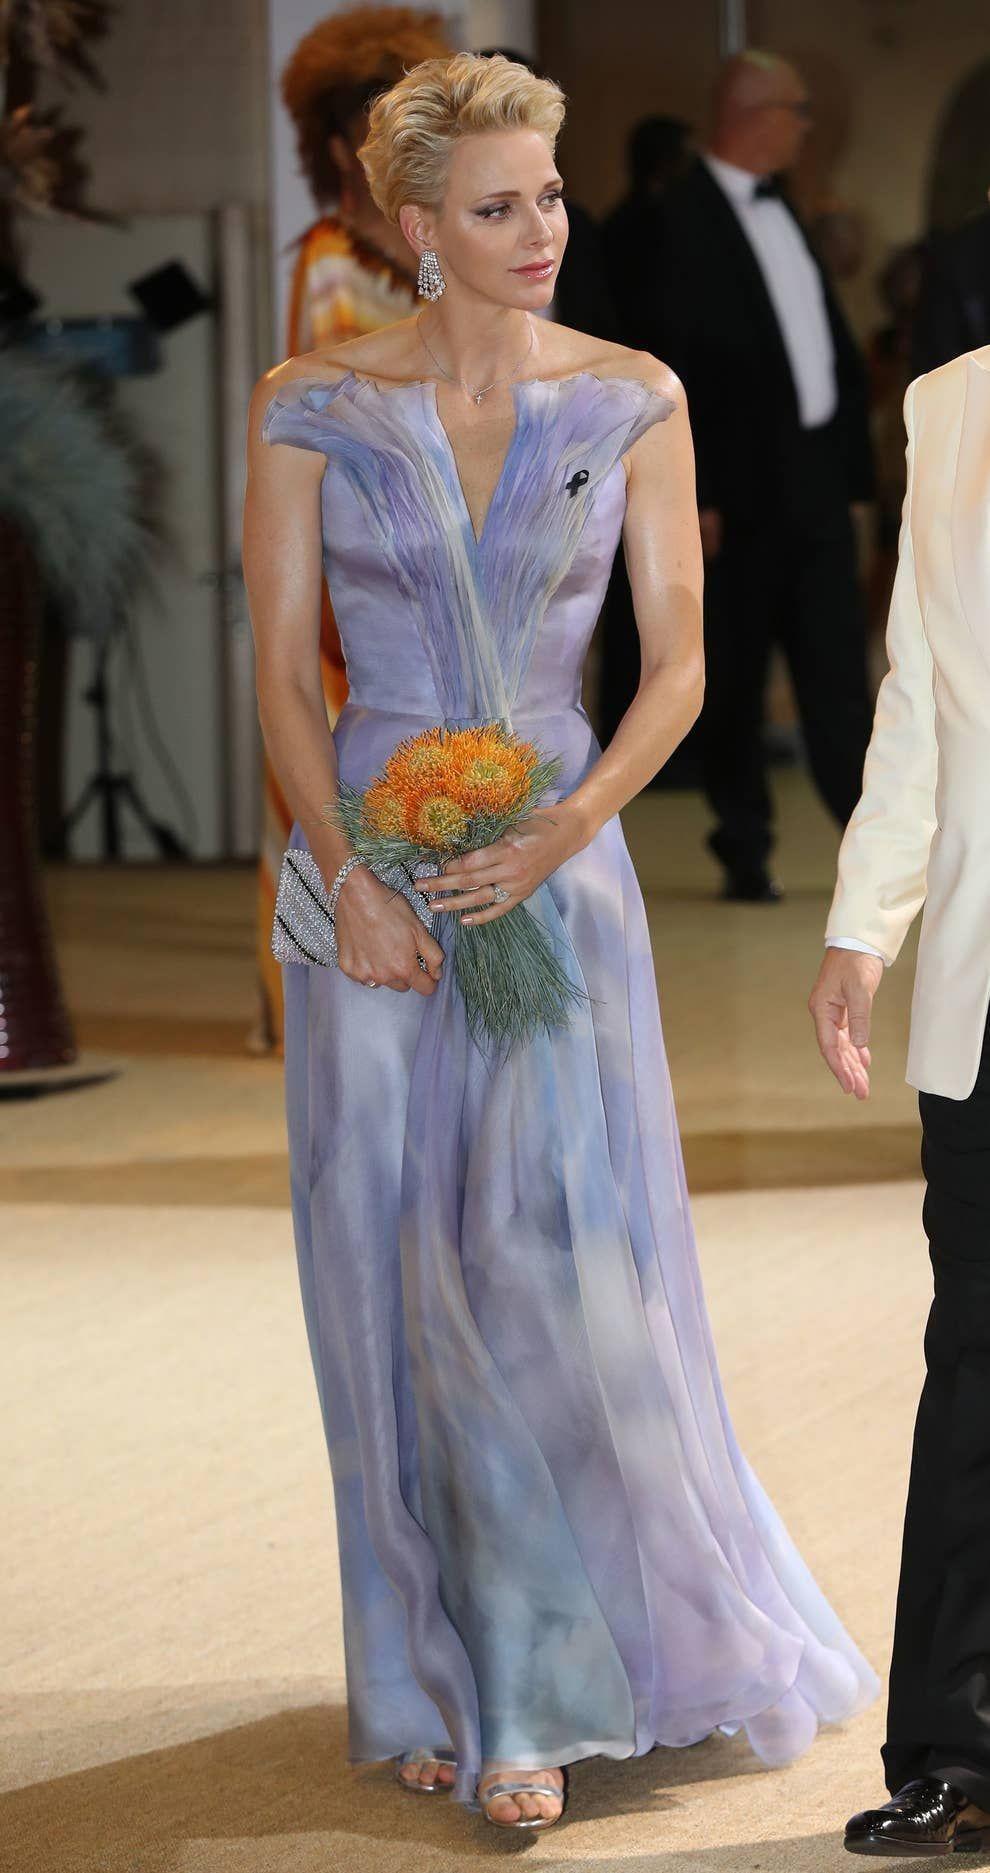 摩纳哥最美王妃要离婚了?!亲王出轨10年,抛夫弃子也要逃